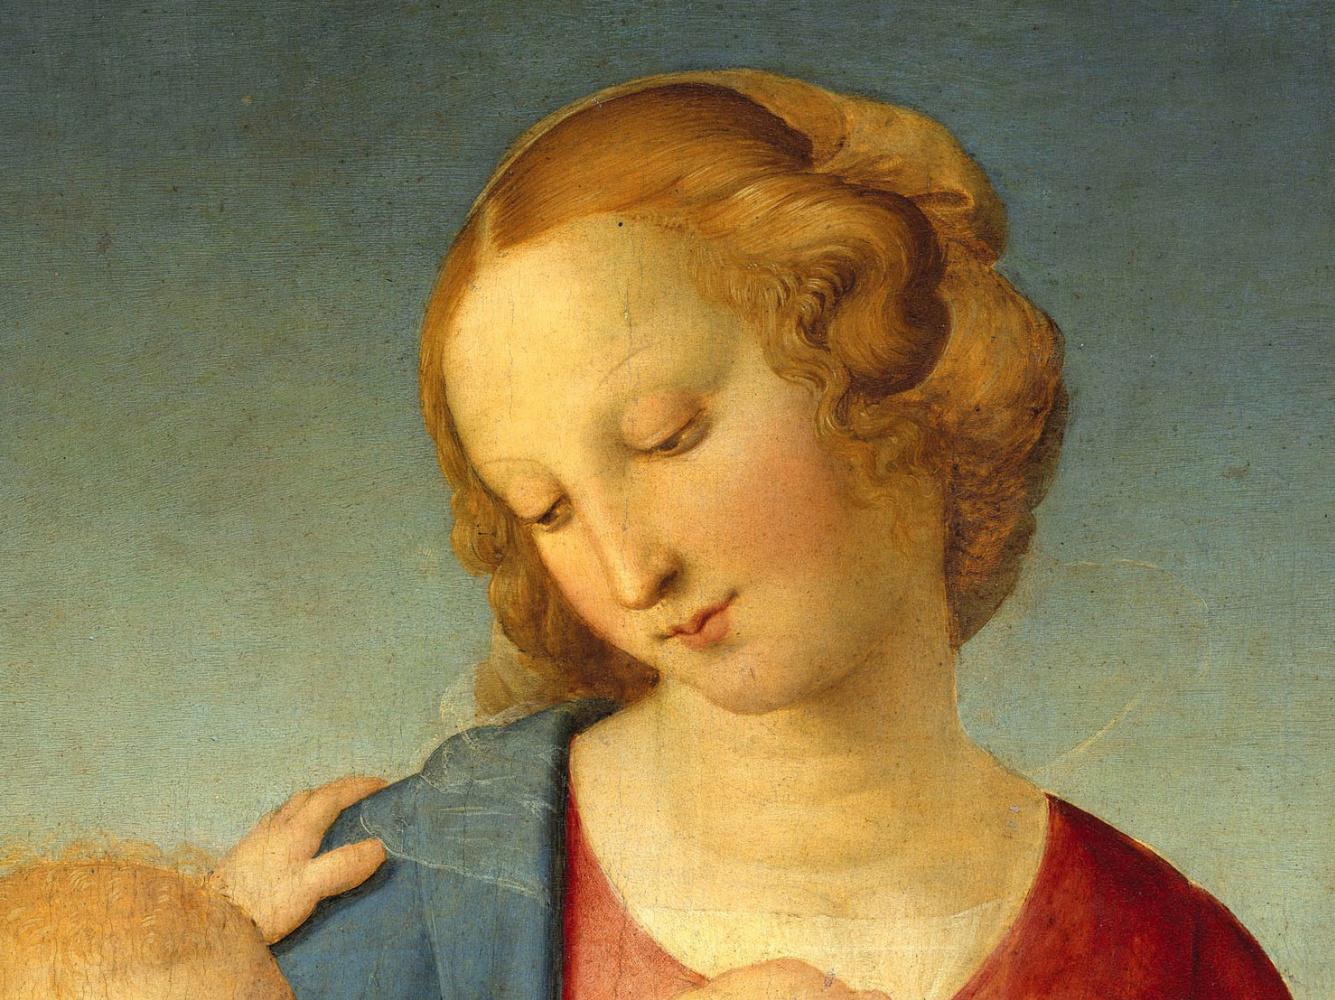 Божественное собрание Мадонн Рафаэля открыло год, посвящённый мастеру Возрождения